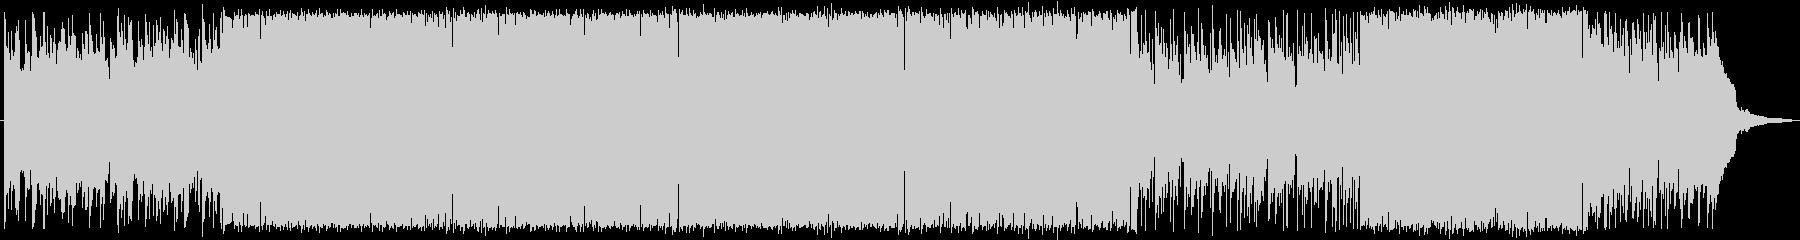 ゲームのエンドロールにぴったりの曲の未再生の波形